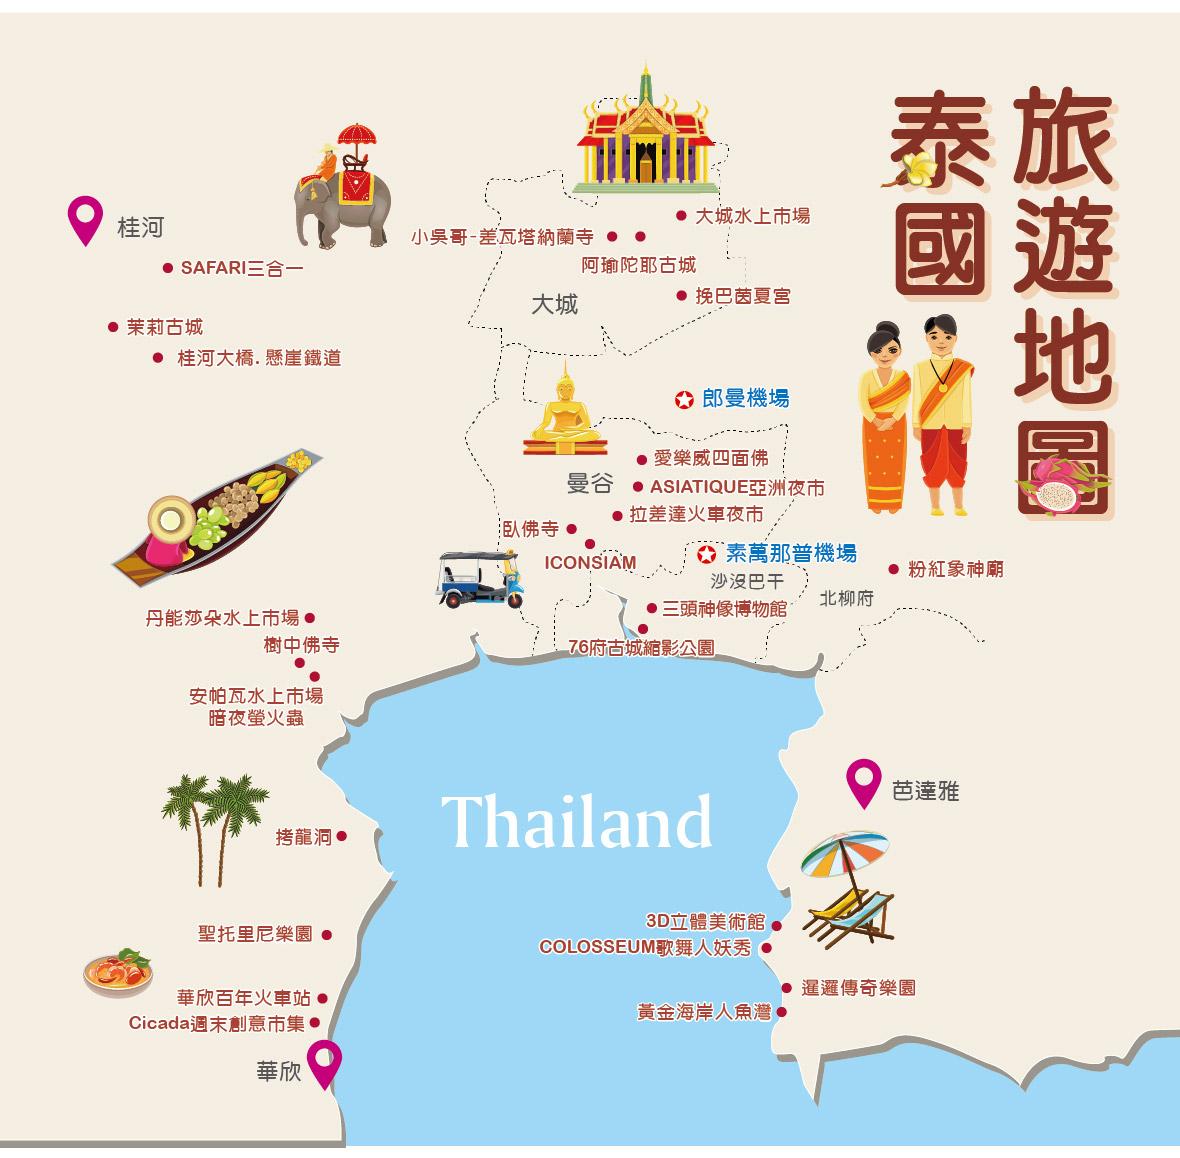 泰國旅遊地圖